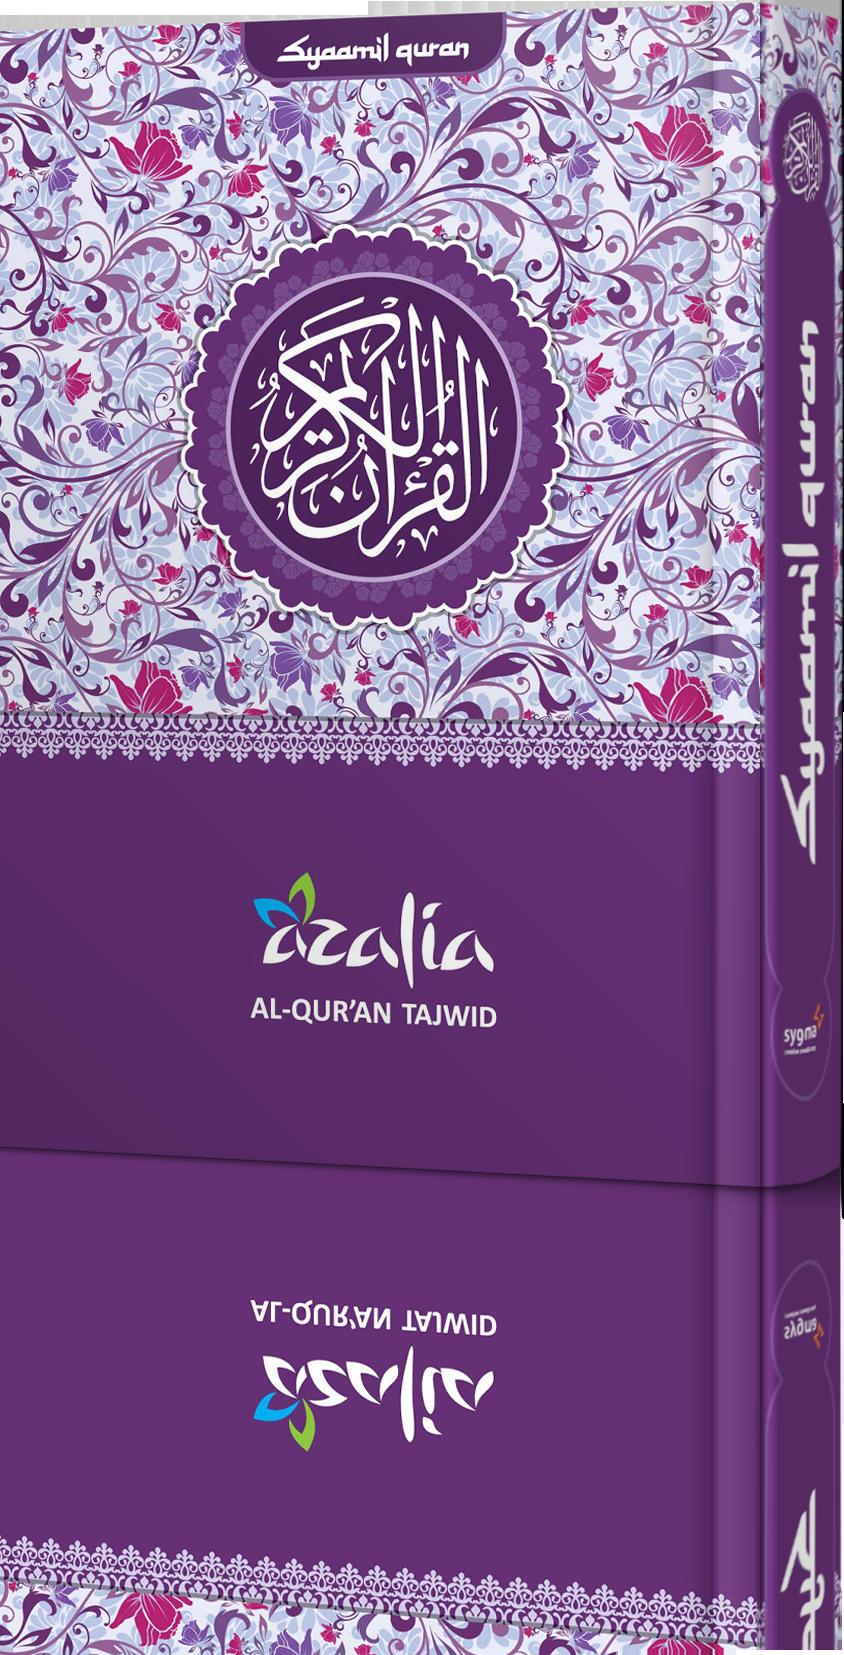 Syaamil Quran Azalia Hisna